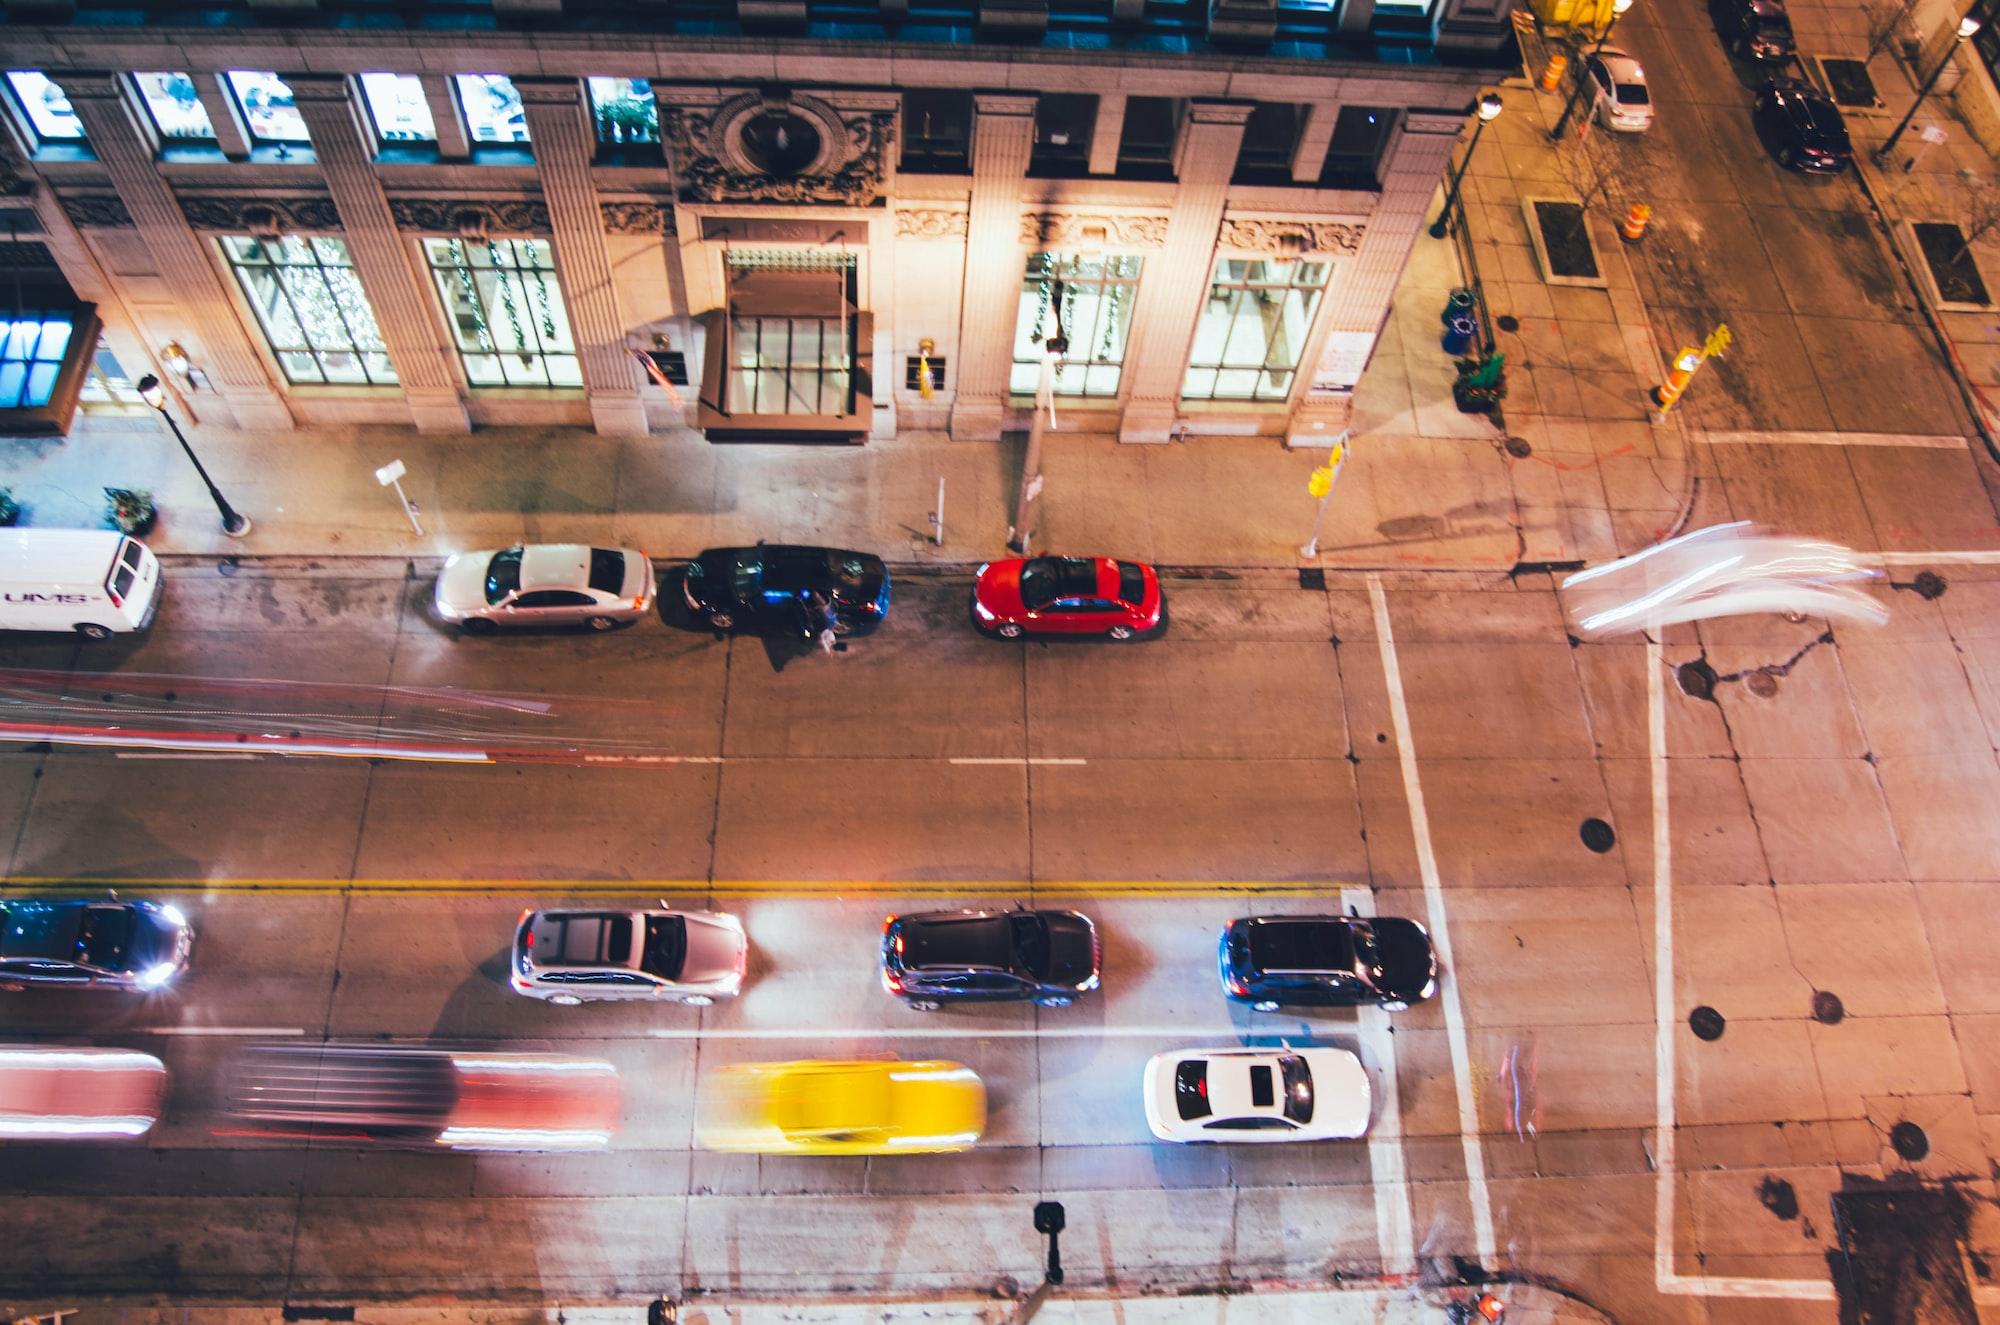 Mercado de taxis-drones: ¡listos para despegar!